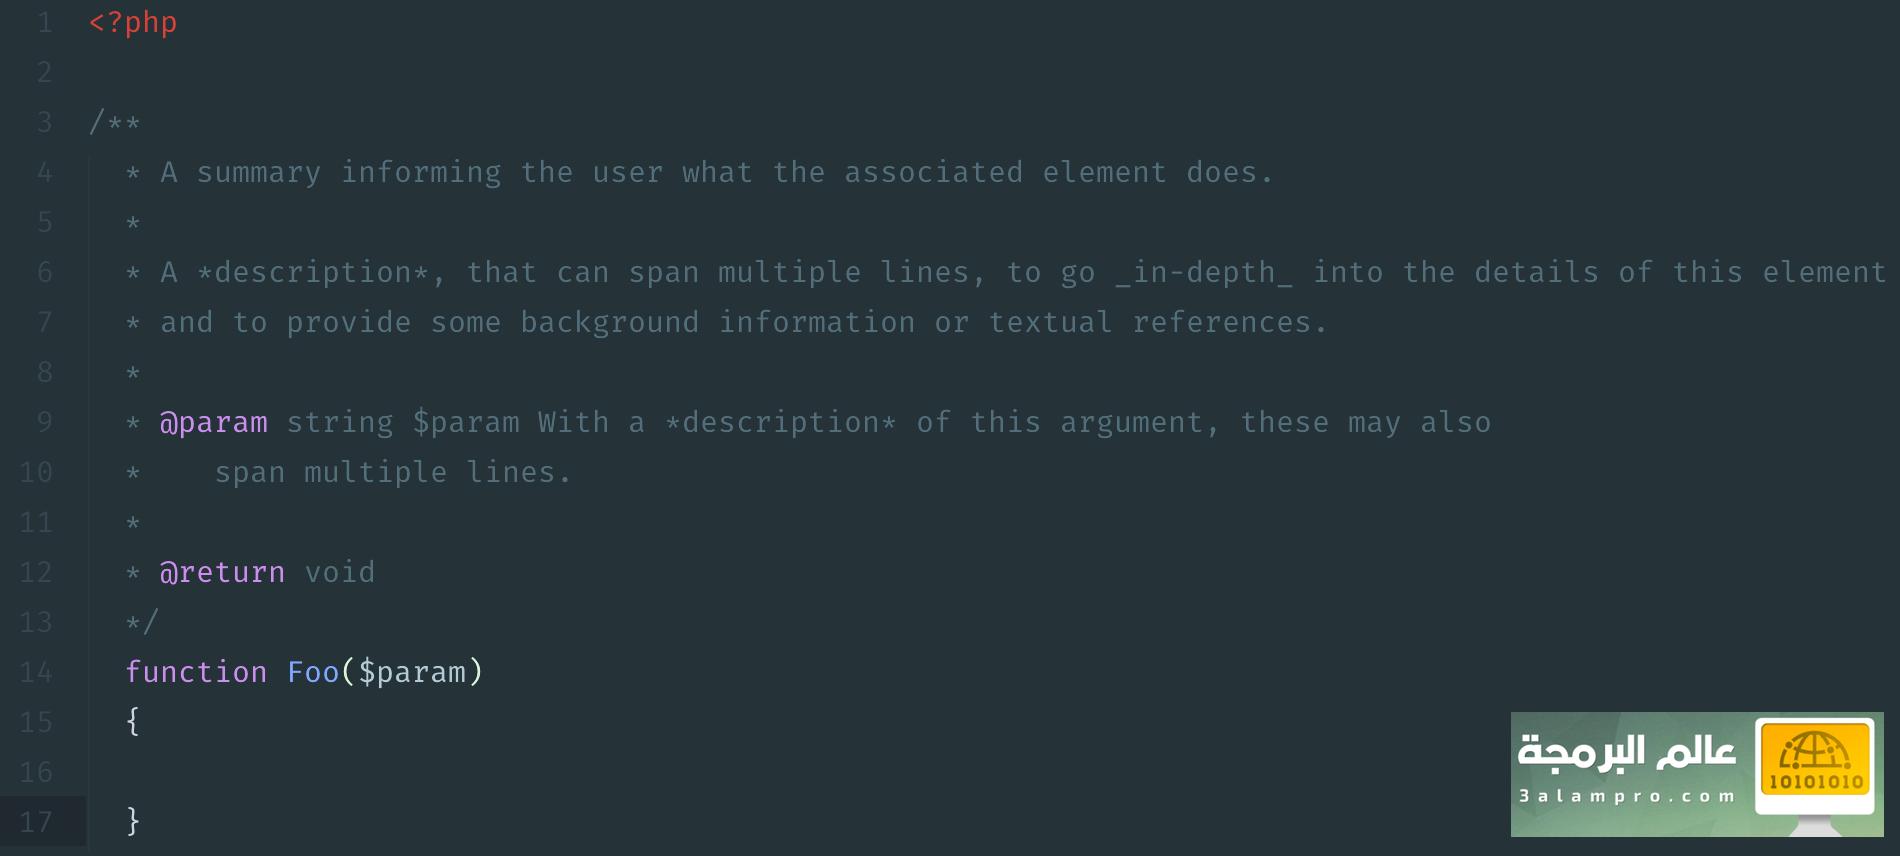 كتابة التعليقات البرمجية في PHP بواسطة DocBlocks